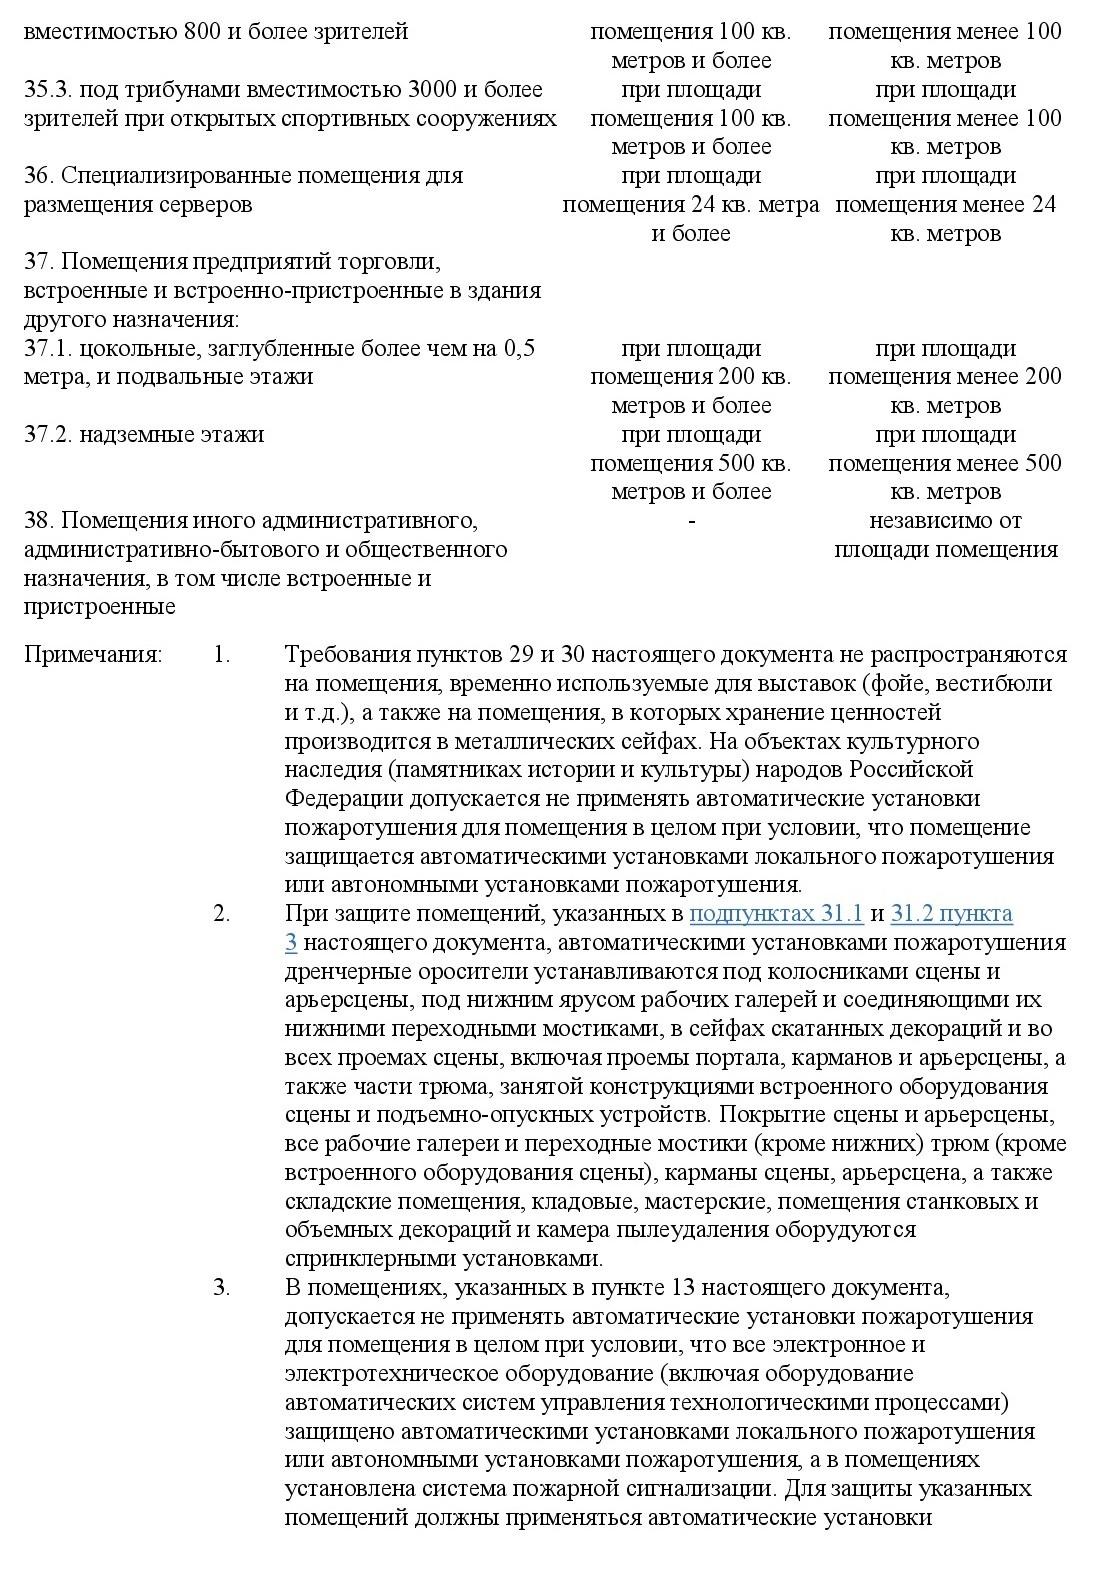 Постановление Правительства от 01.09.2021 №1464 10